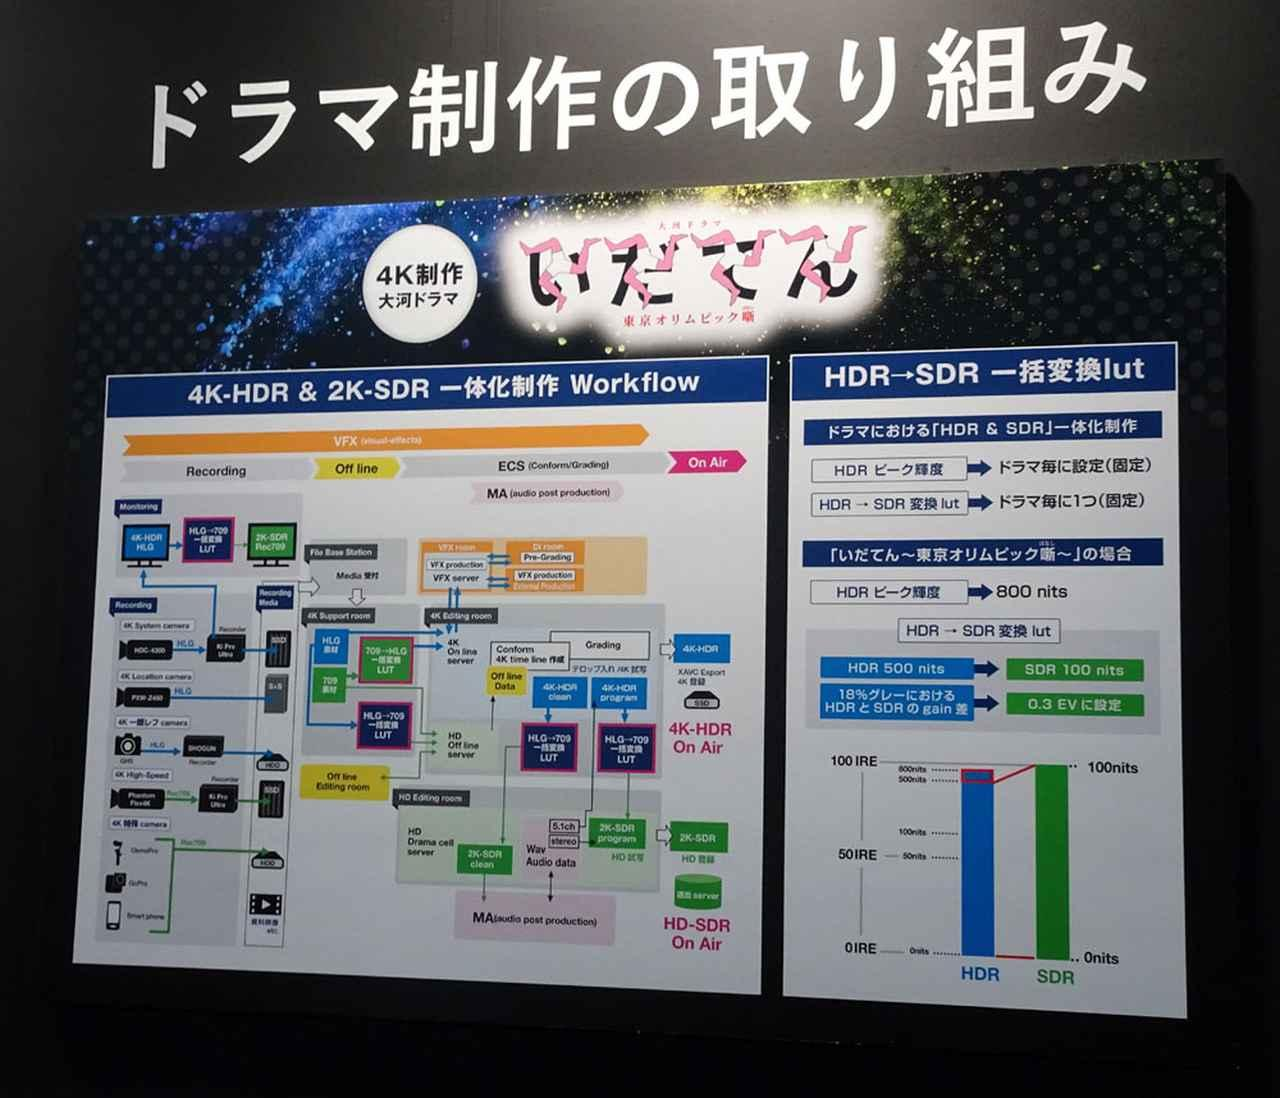 画像: NHK BS4Kの制作体制の一環。先日お伝えした通り、2K&4K番組の一体制作を進めており、写真はドラマ制作のワークフローとなる